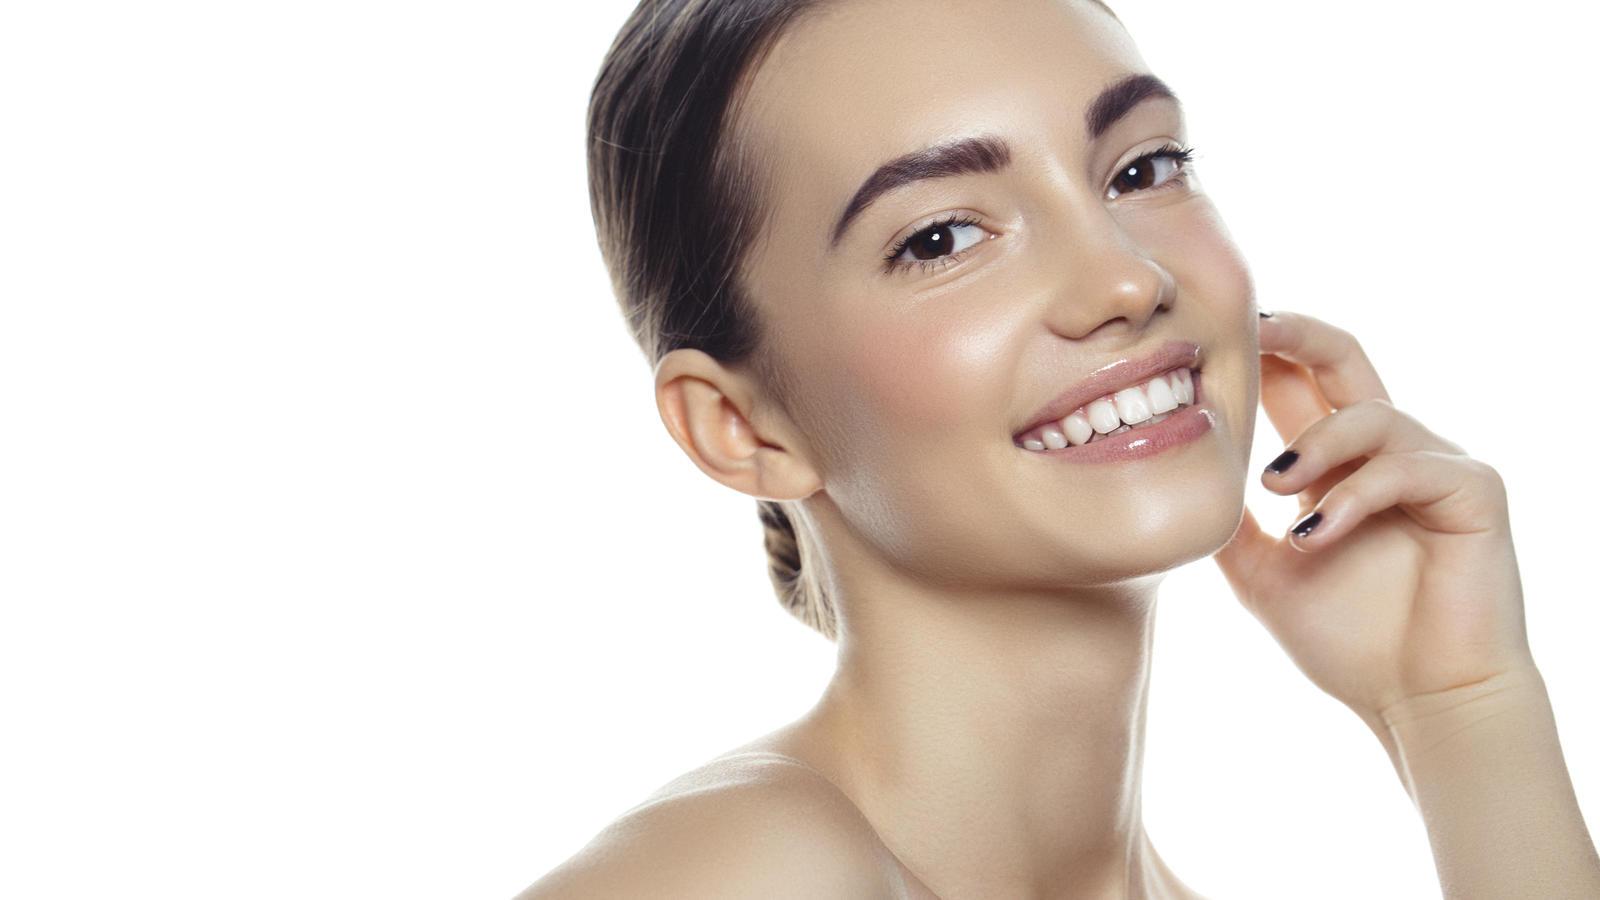 Welcher Pflege Ihre Haut benötigt, hängt von deren Beschaffenheit ab.